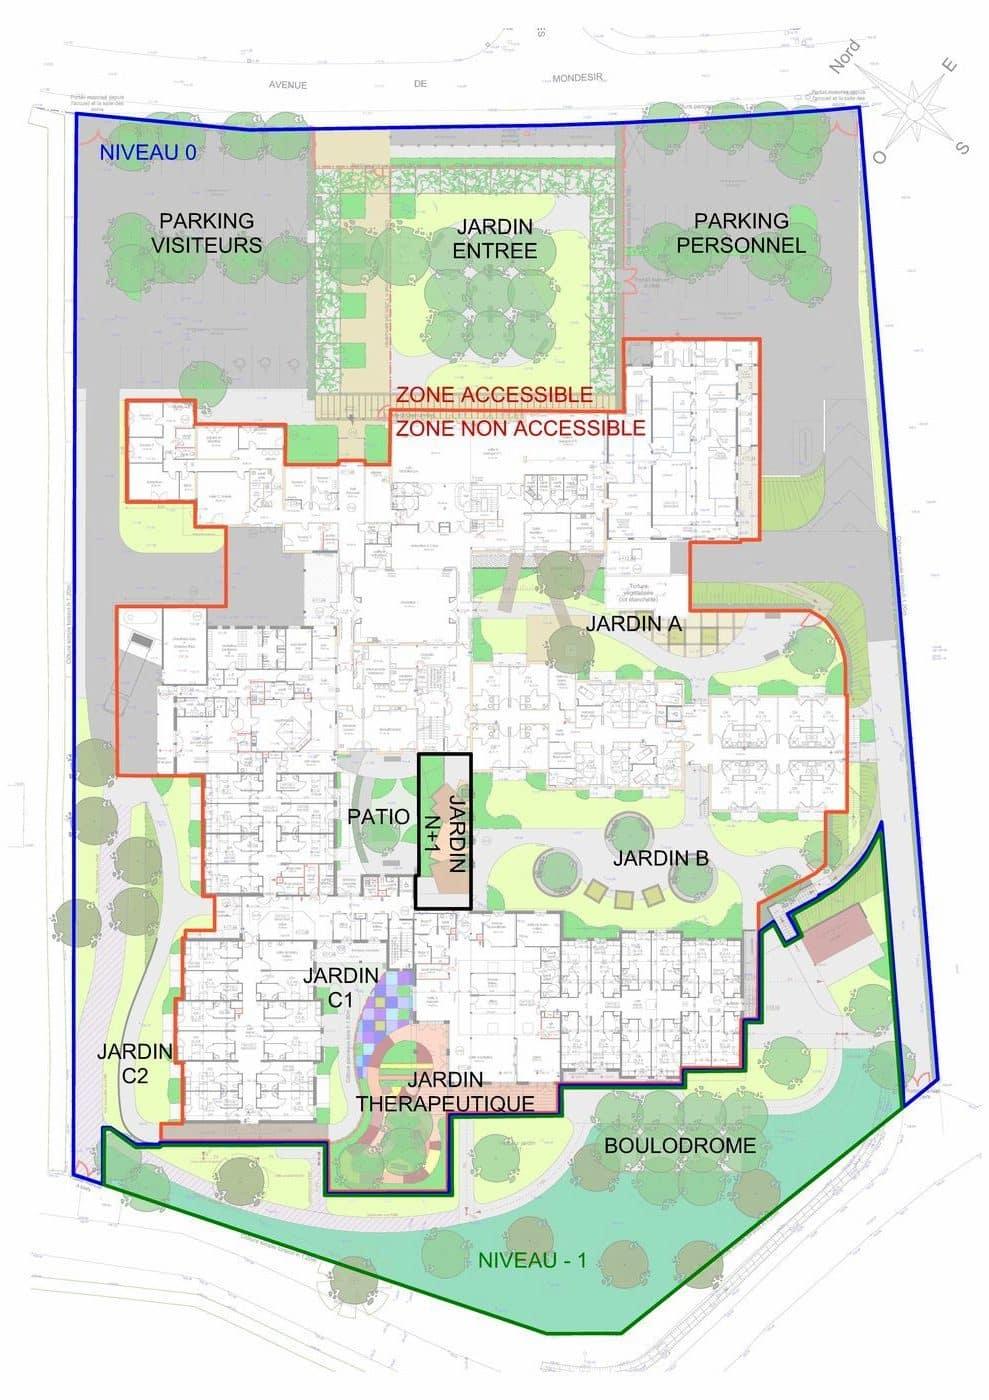 Plan de zonage